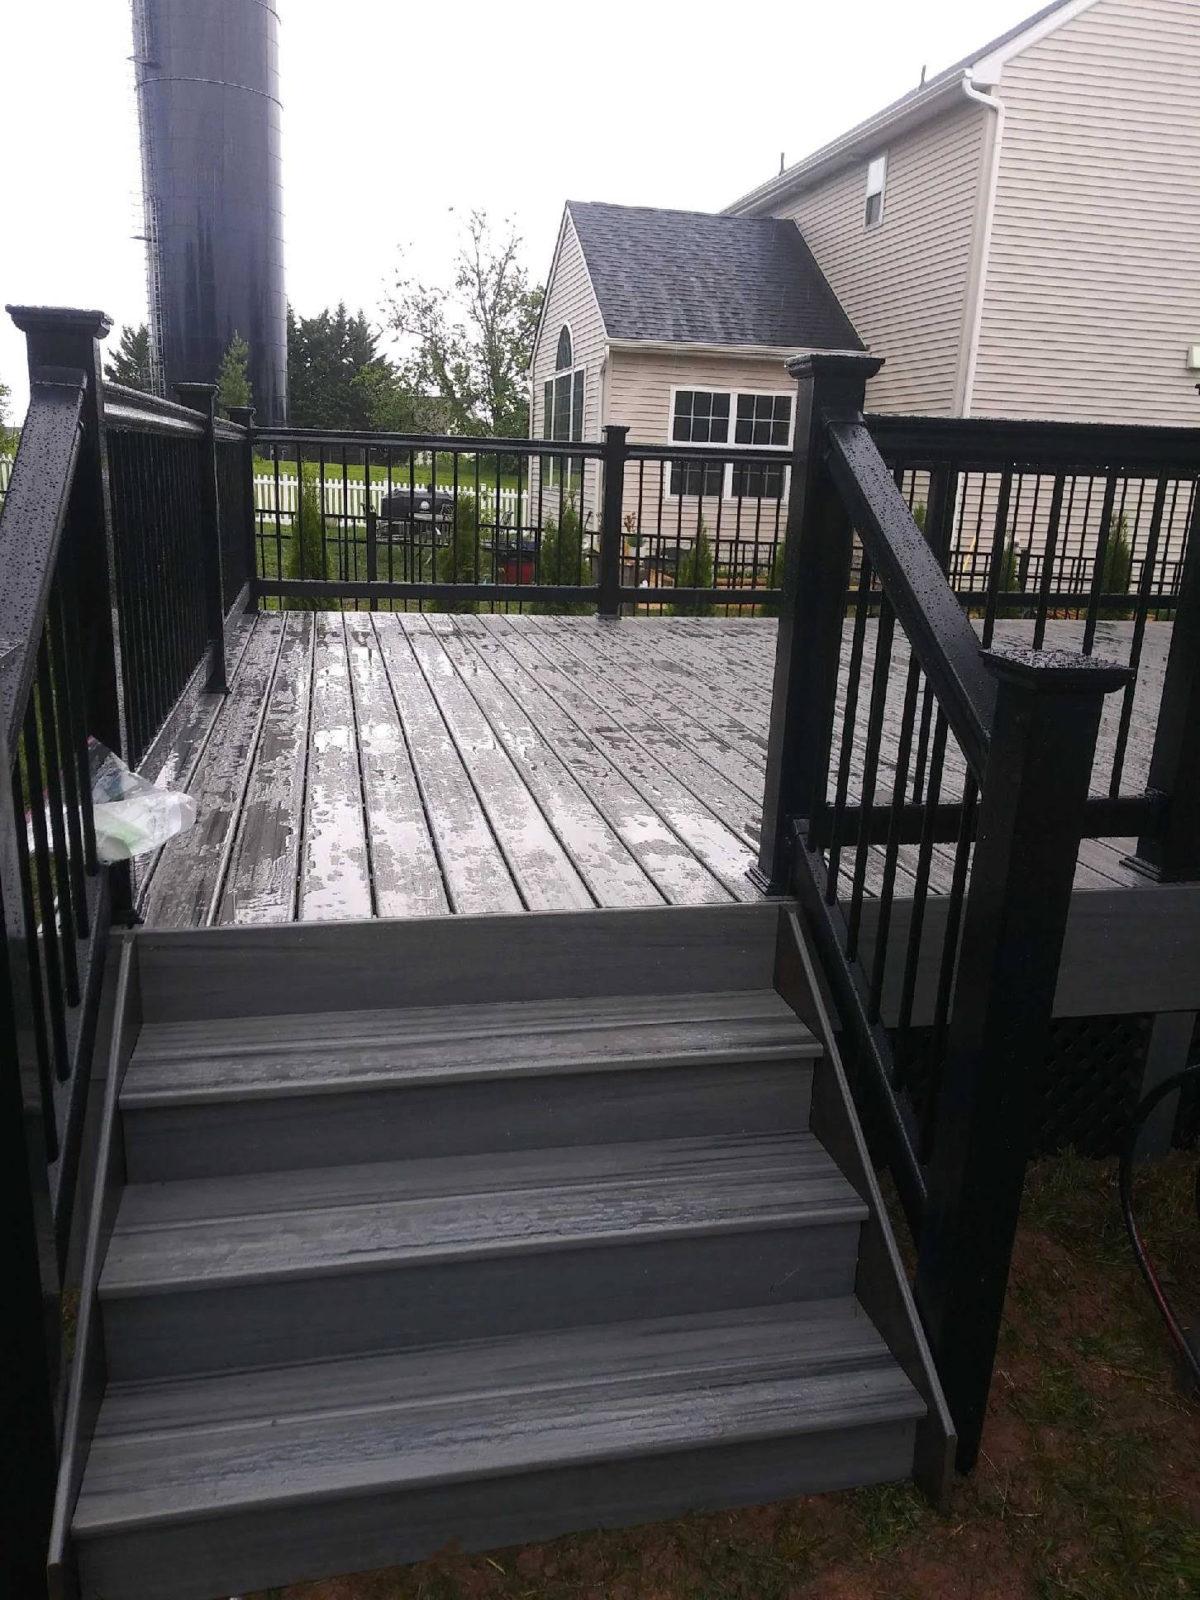 High Quality Decks in Walkersville, Maryland